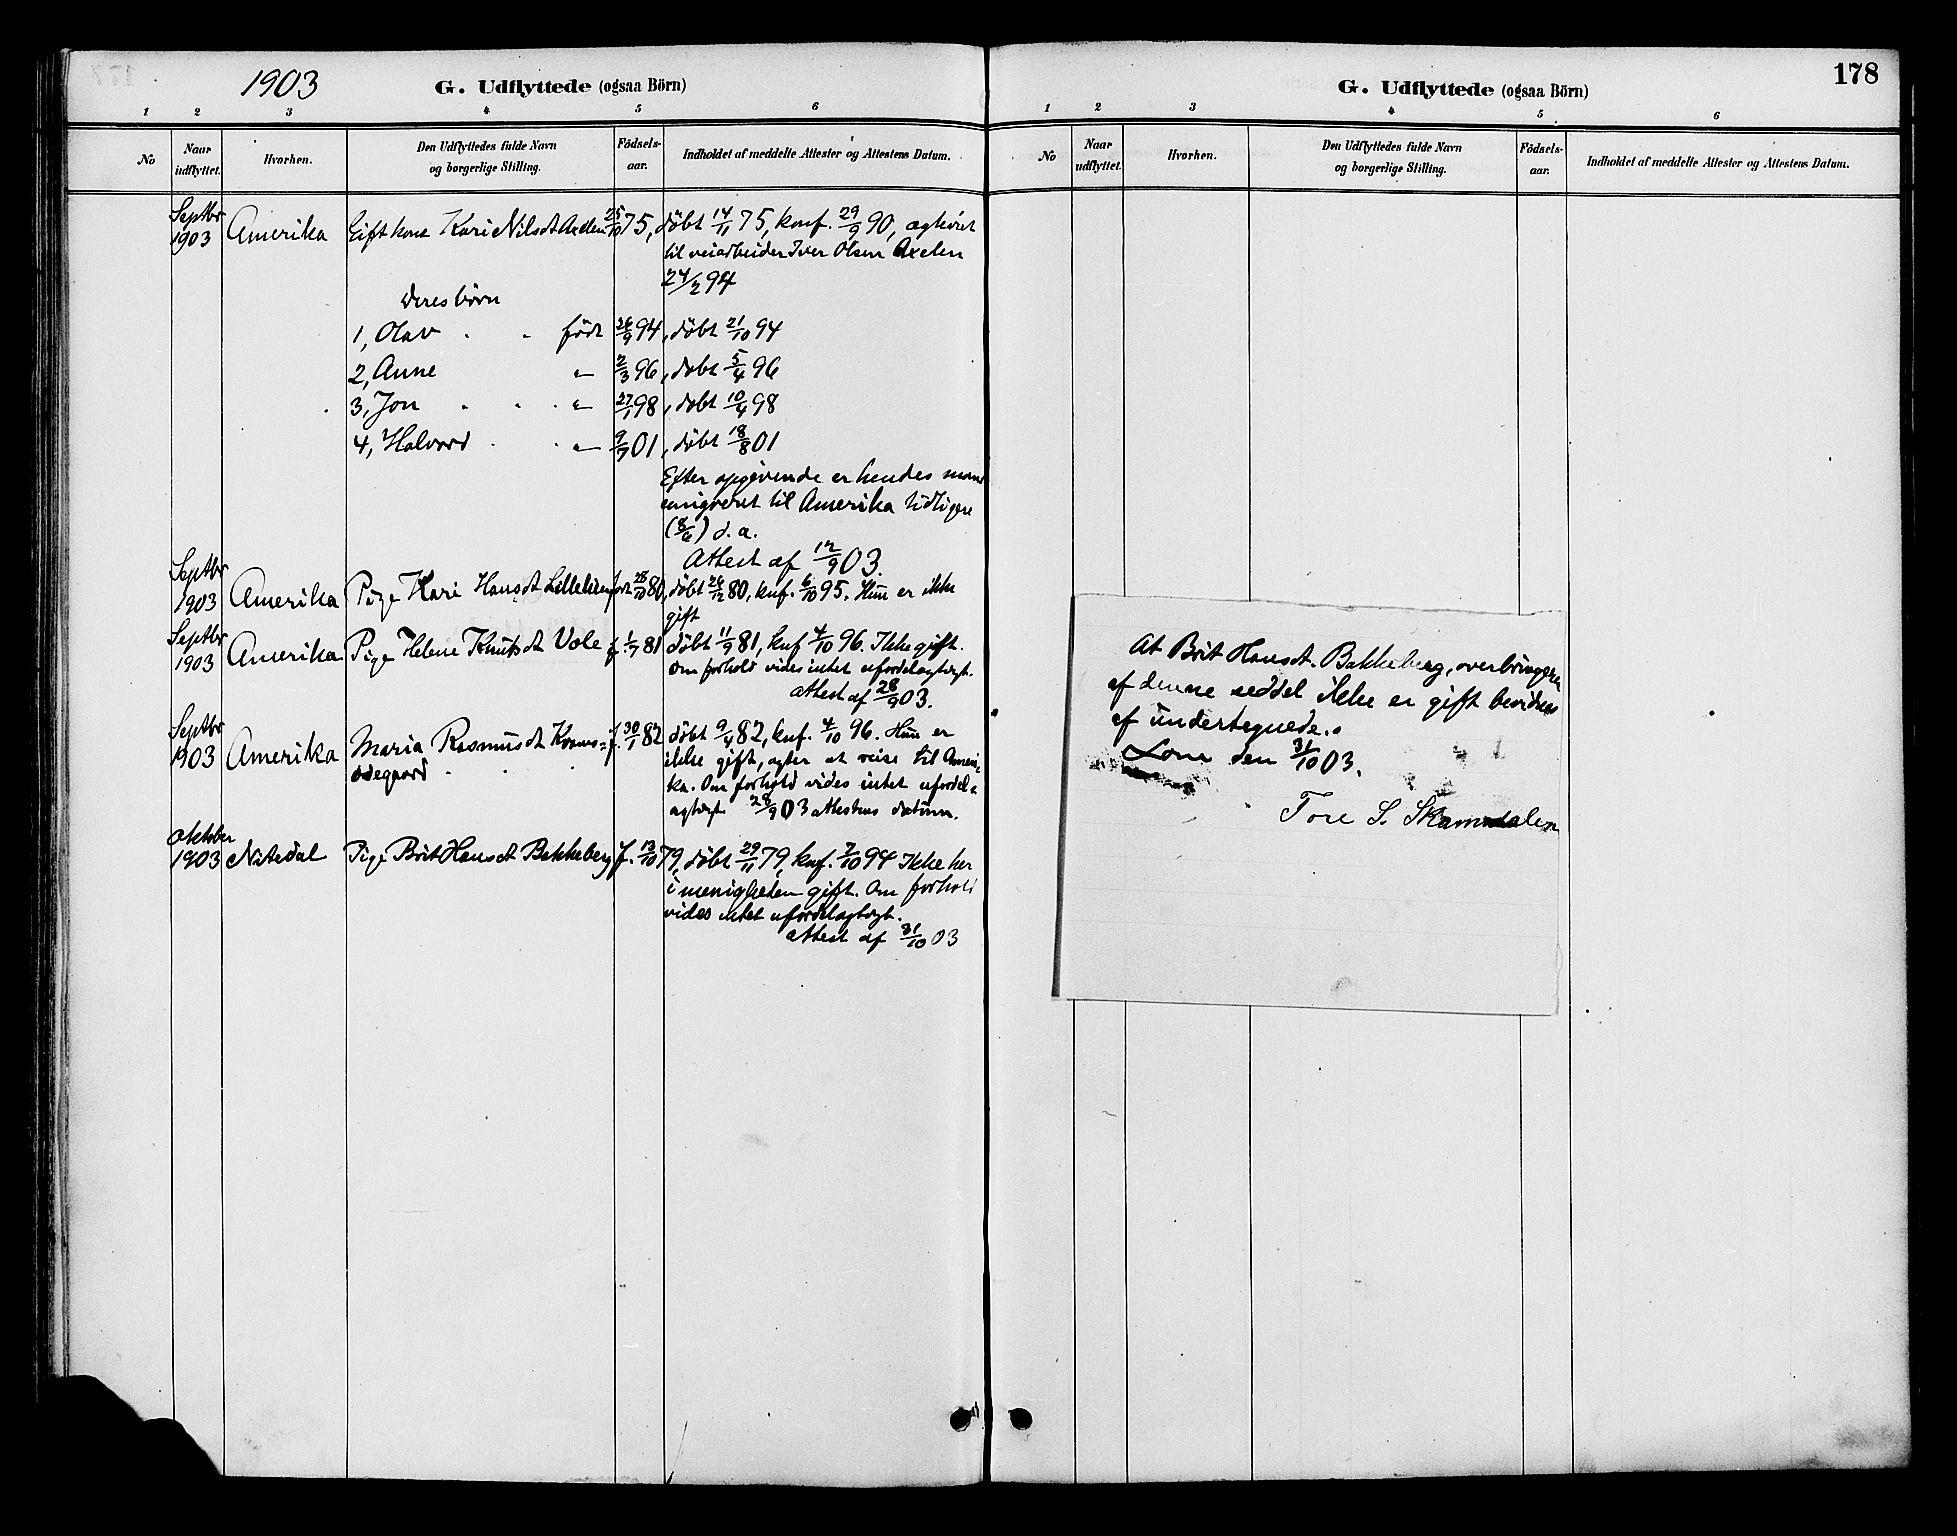 SAH, Lom prestekontor, K/L0008: Ministerialbok nr. 8, 1885-1898, s. 178